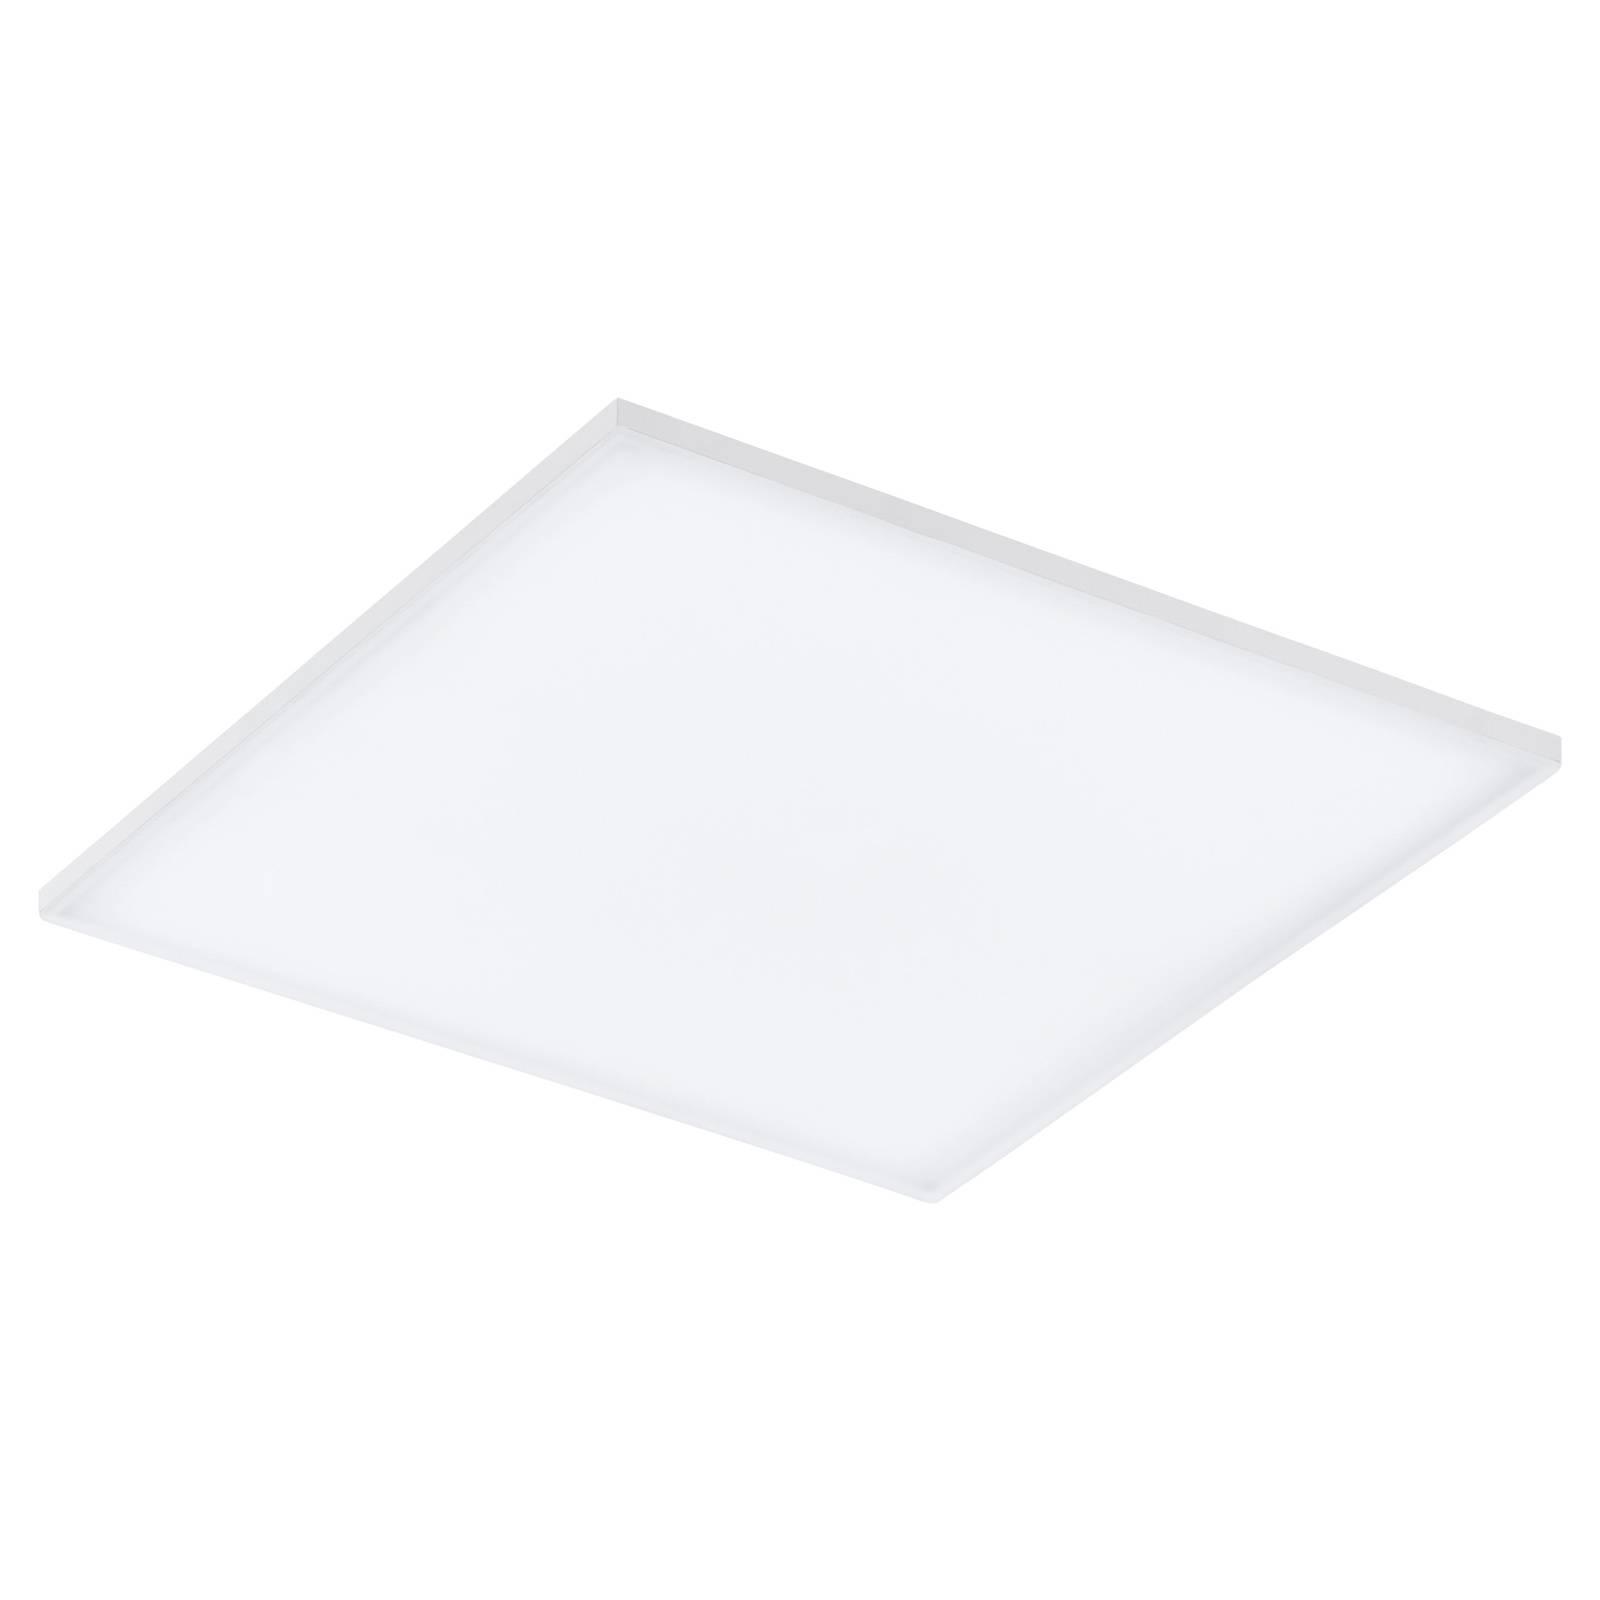 LED-kattovalaisin Turcona, 59,5 x 59,5 cm